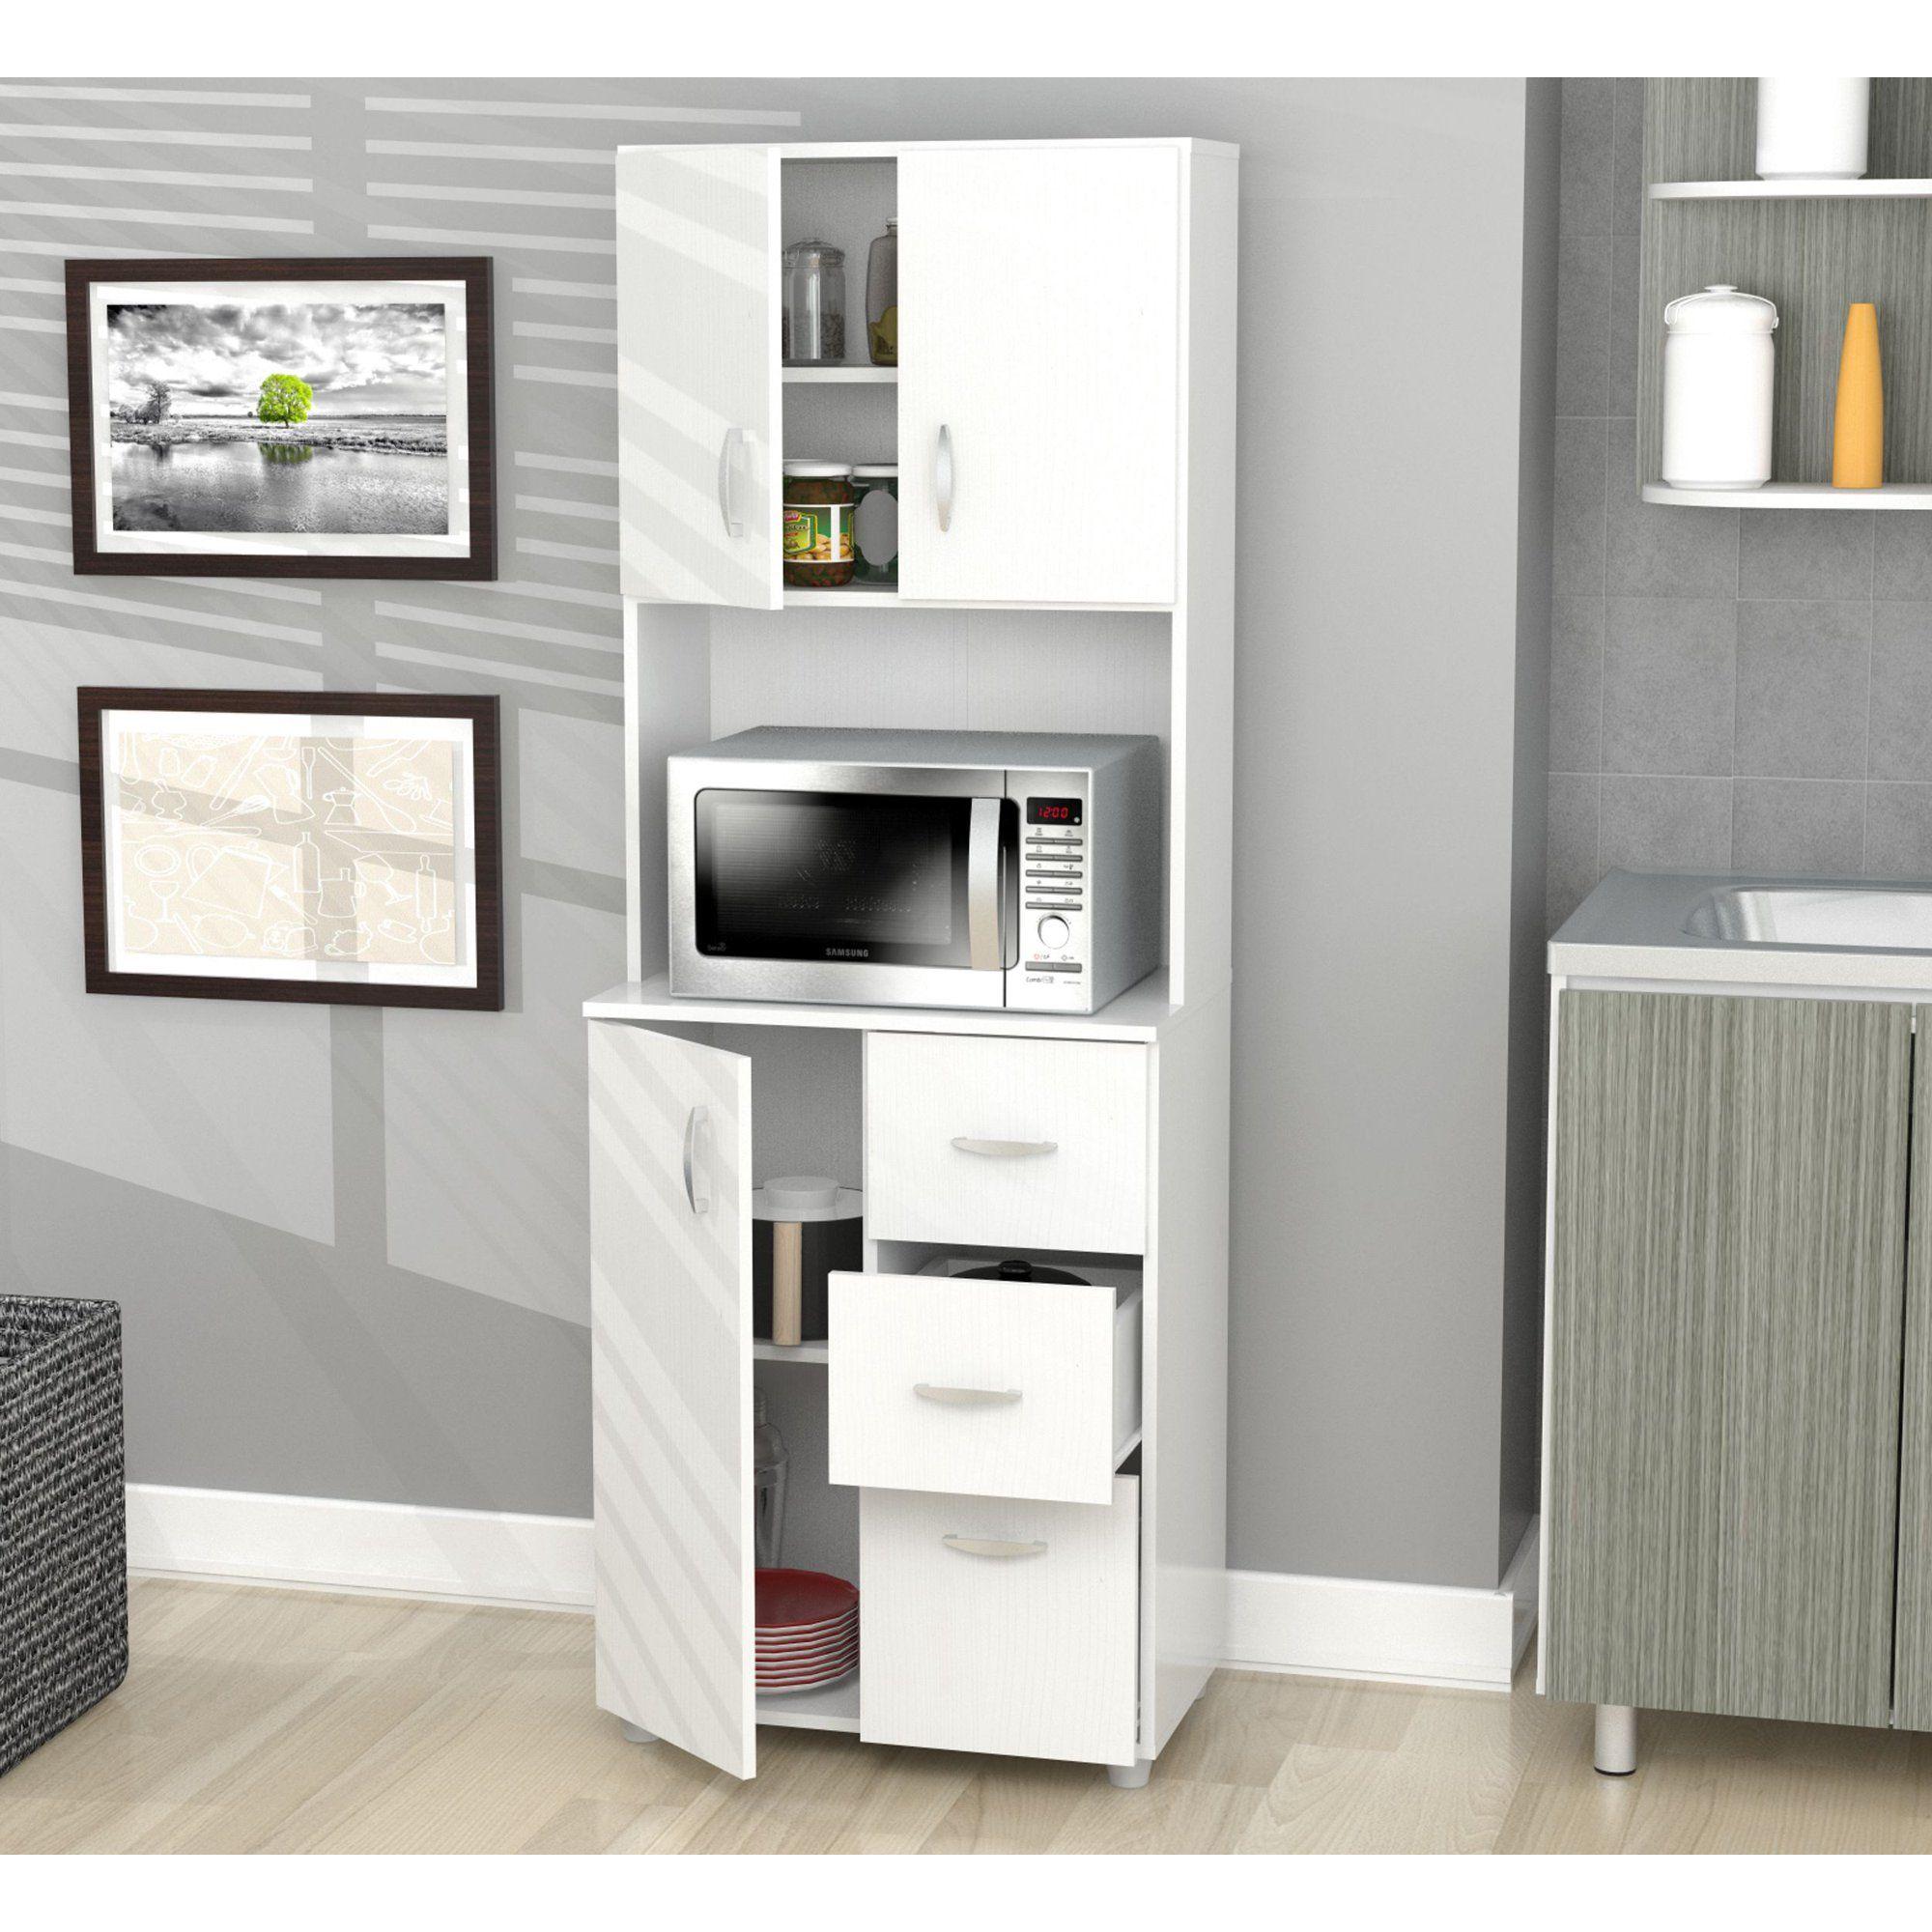 Download Wallpaper Kitchen Microwave Storage Cabinet White